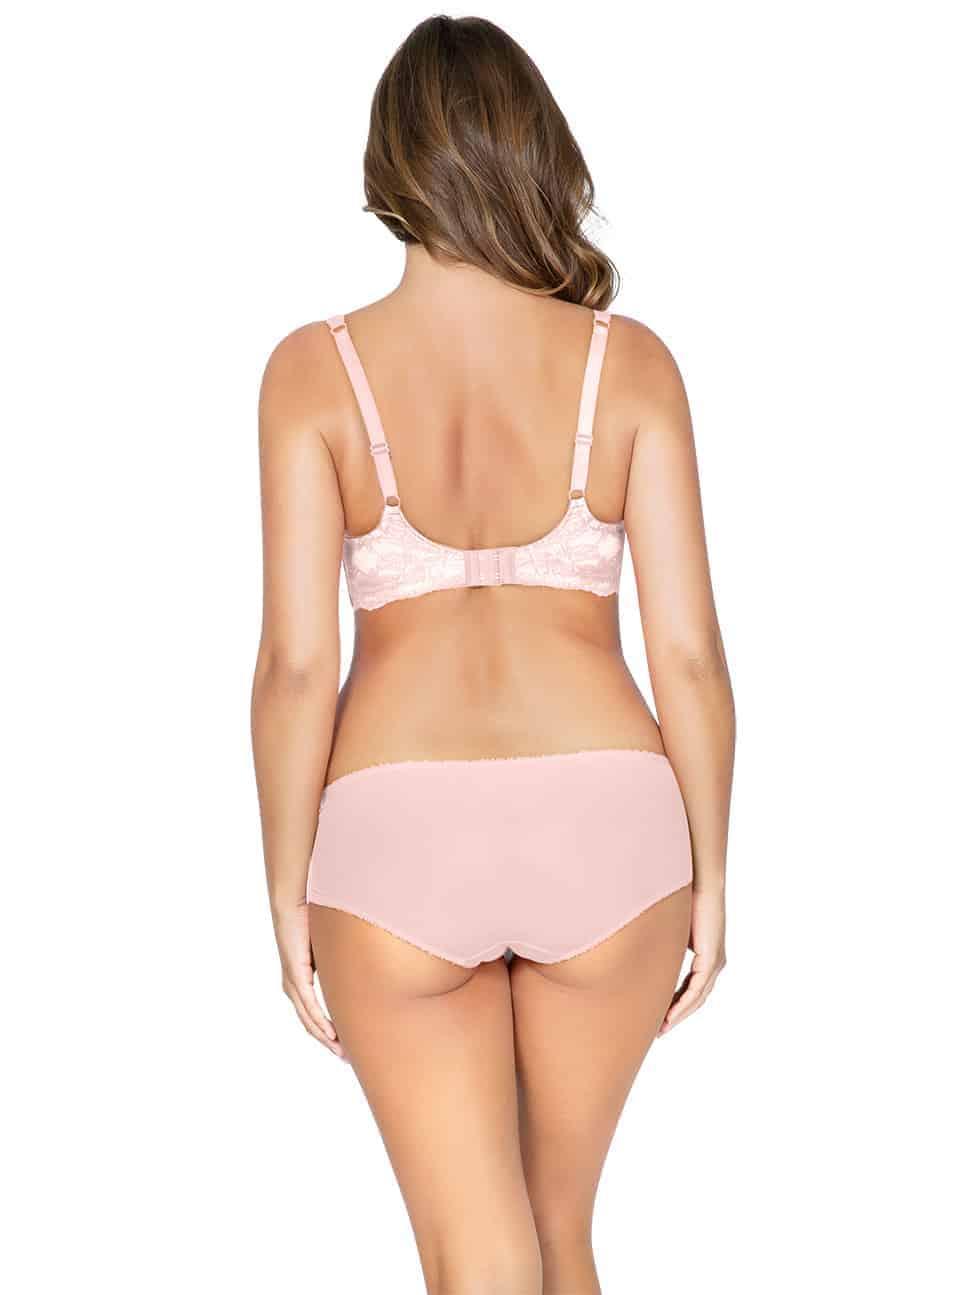 Marion ContourPaddedBraP5391 HipsterP5395 PinkParfait Back - Marion Contour Padded Bra - Pink Parfait – P5391